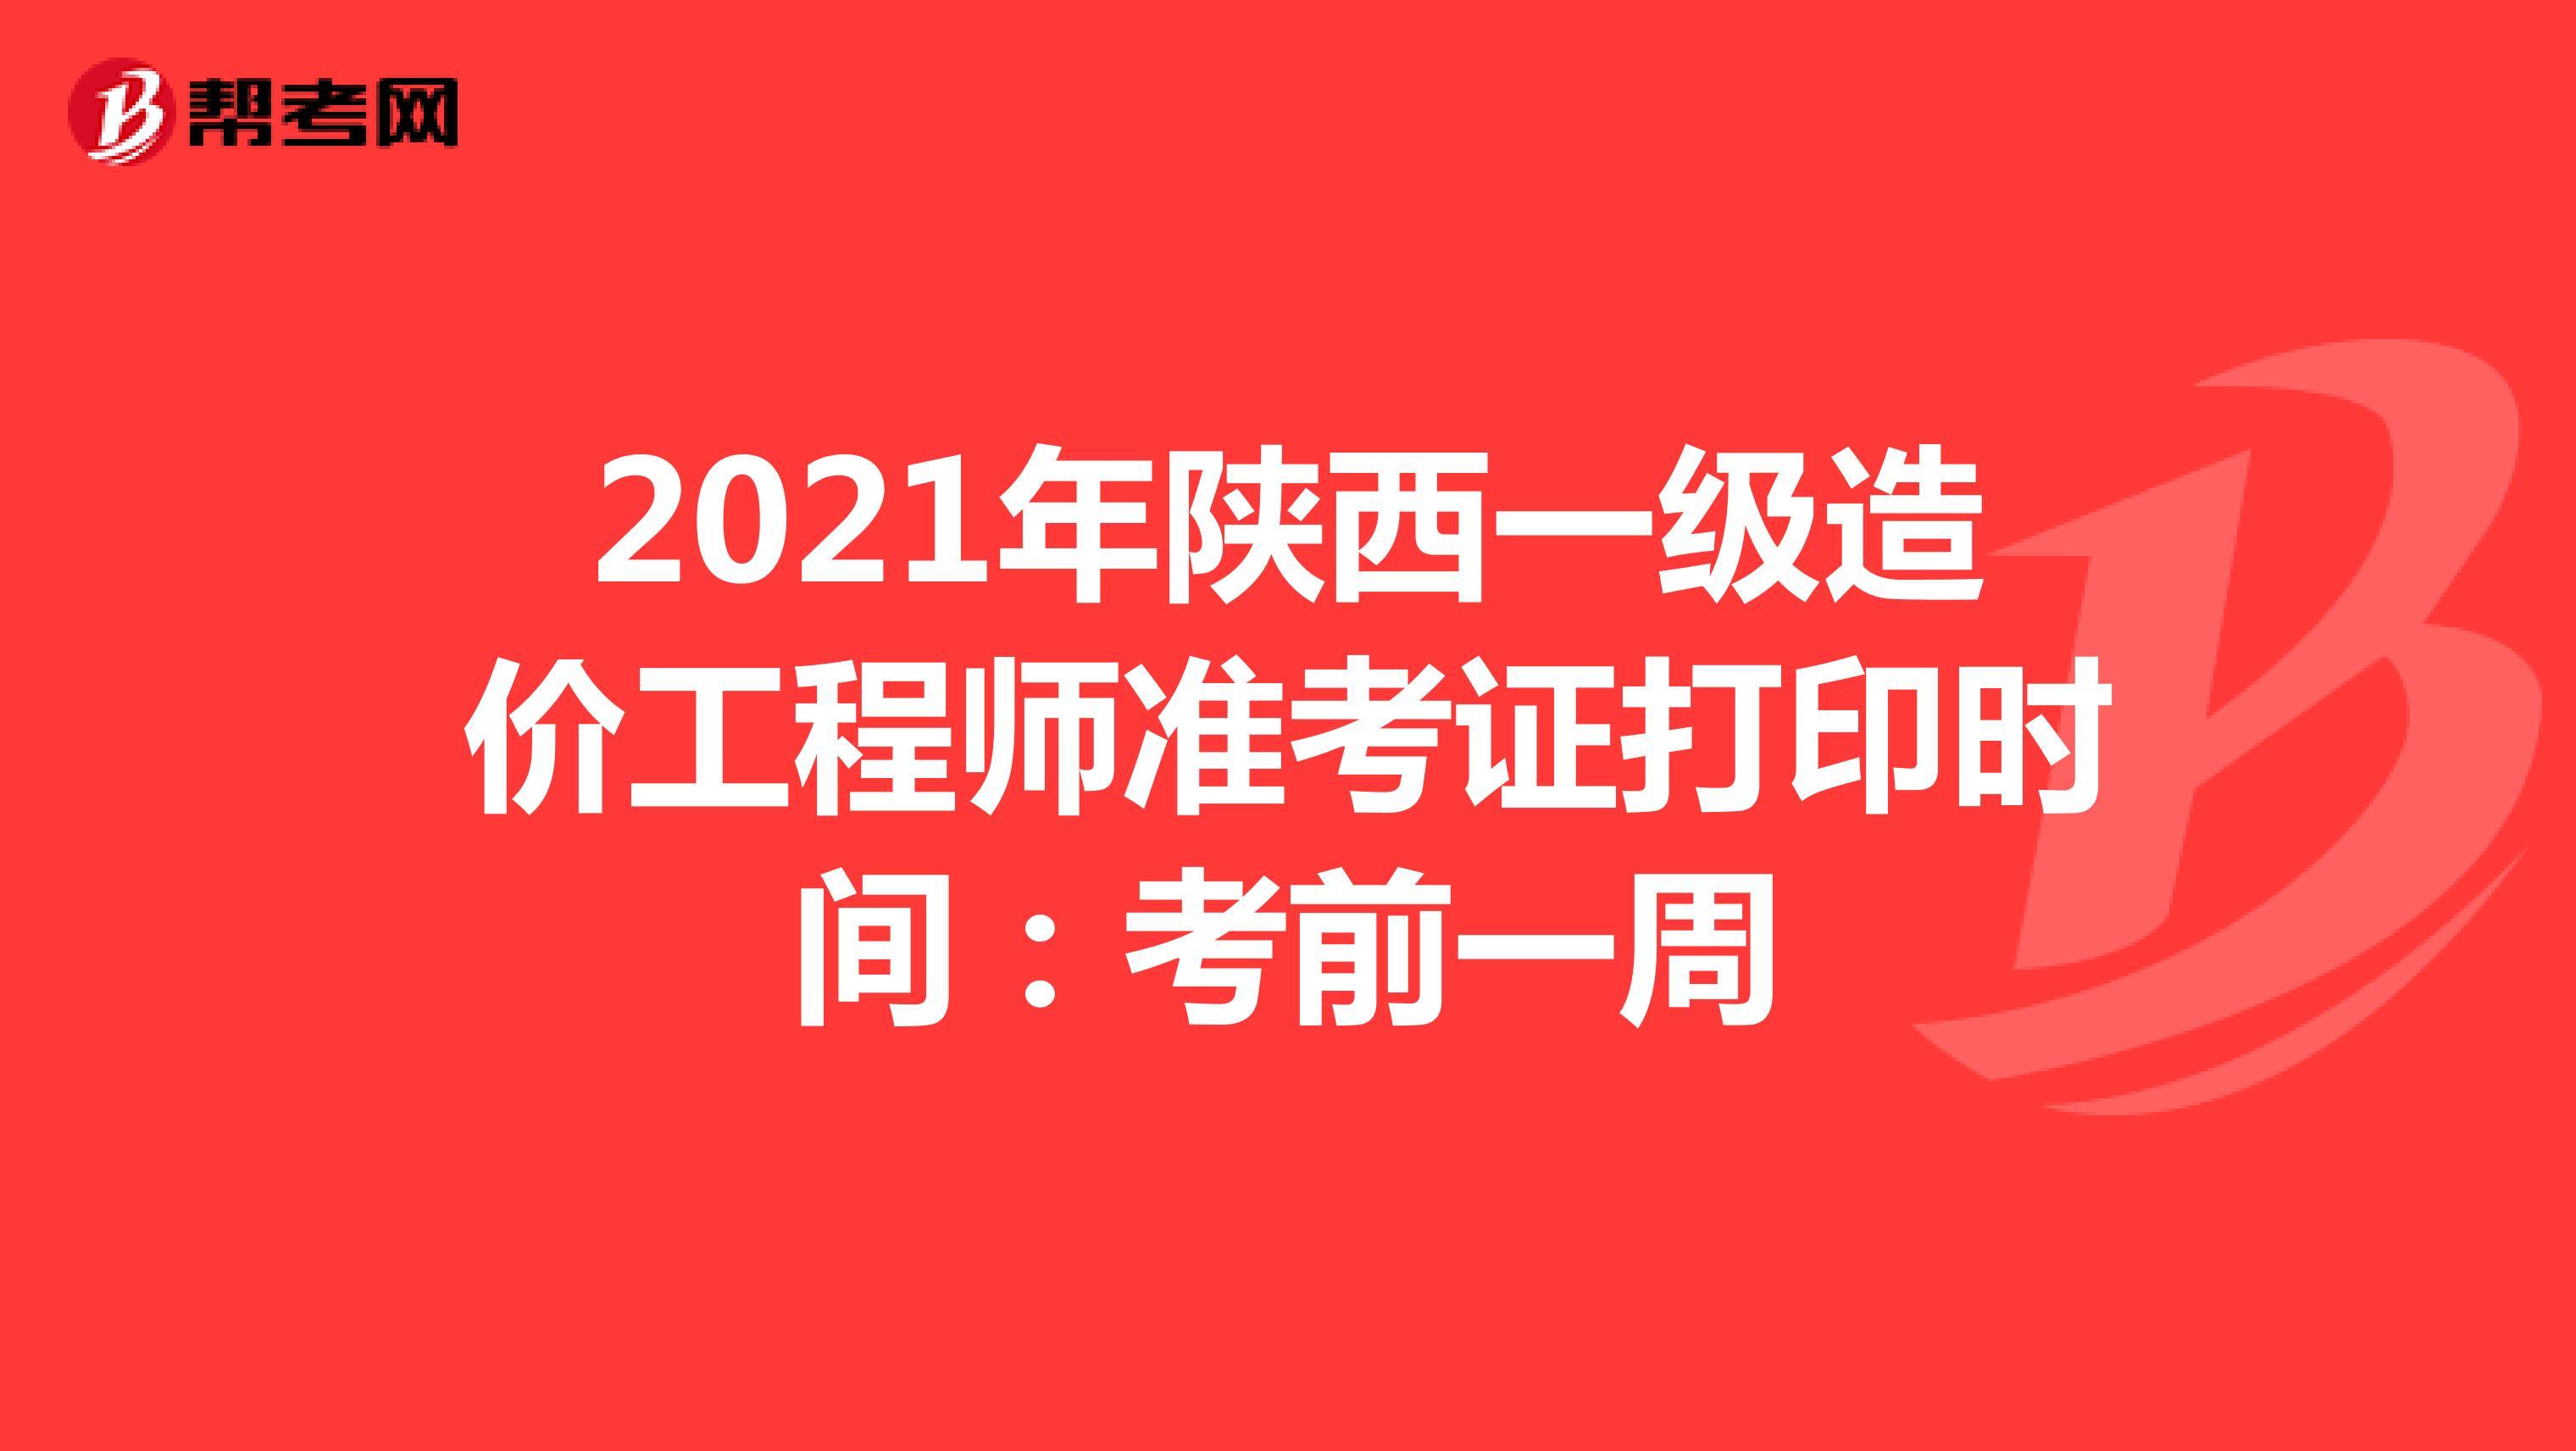 2021年陕西一级造价工程师准考证打印时间:考前一周